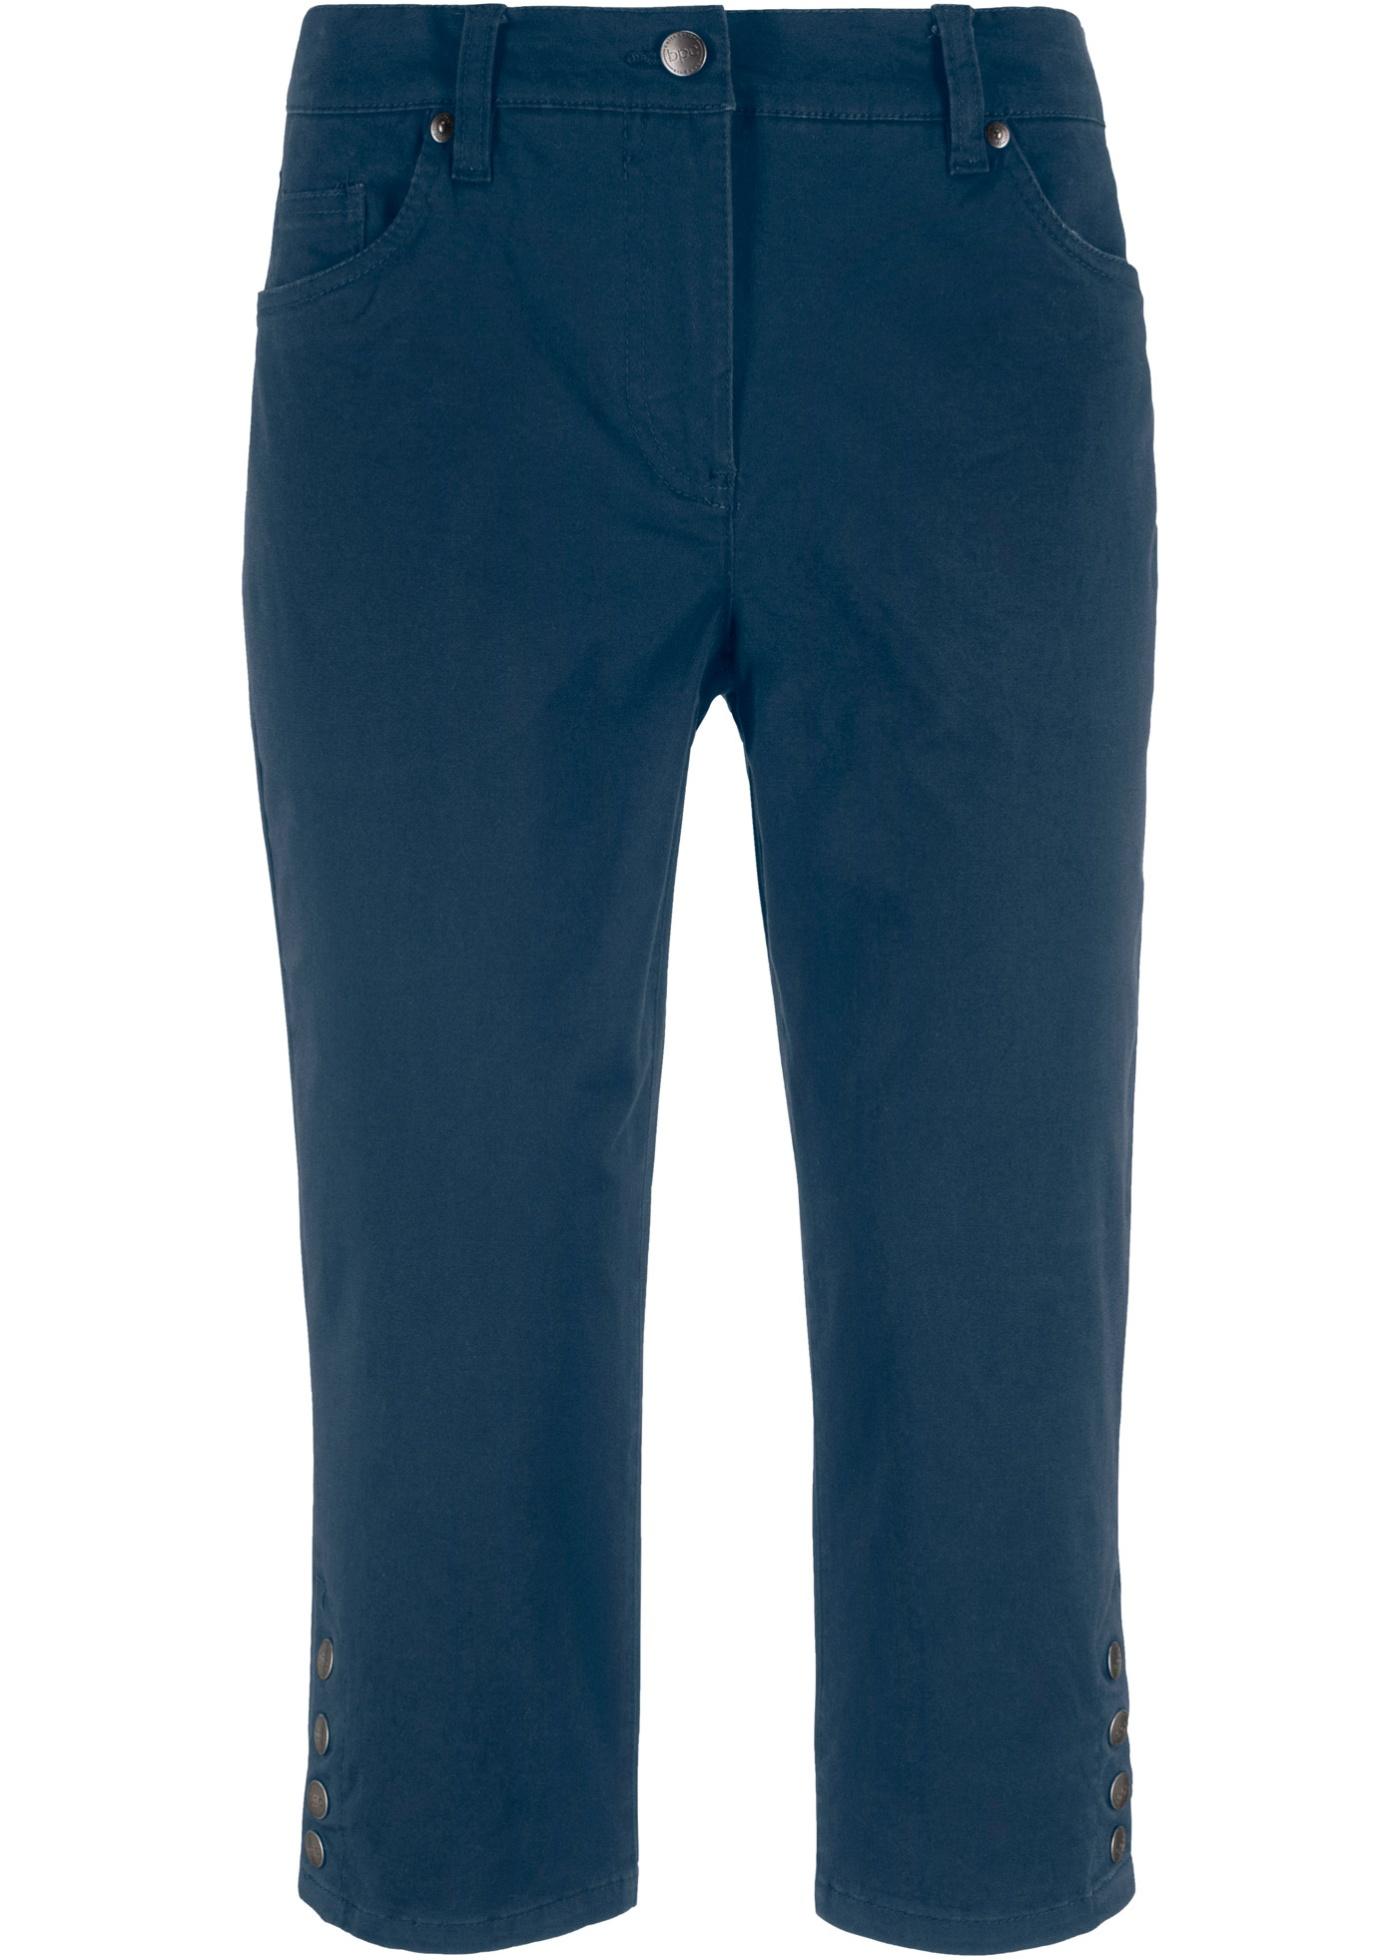 Capri-Stretchhose mit Komfortbund und Knöpfen